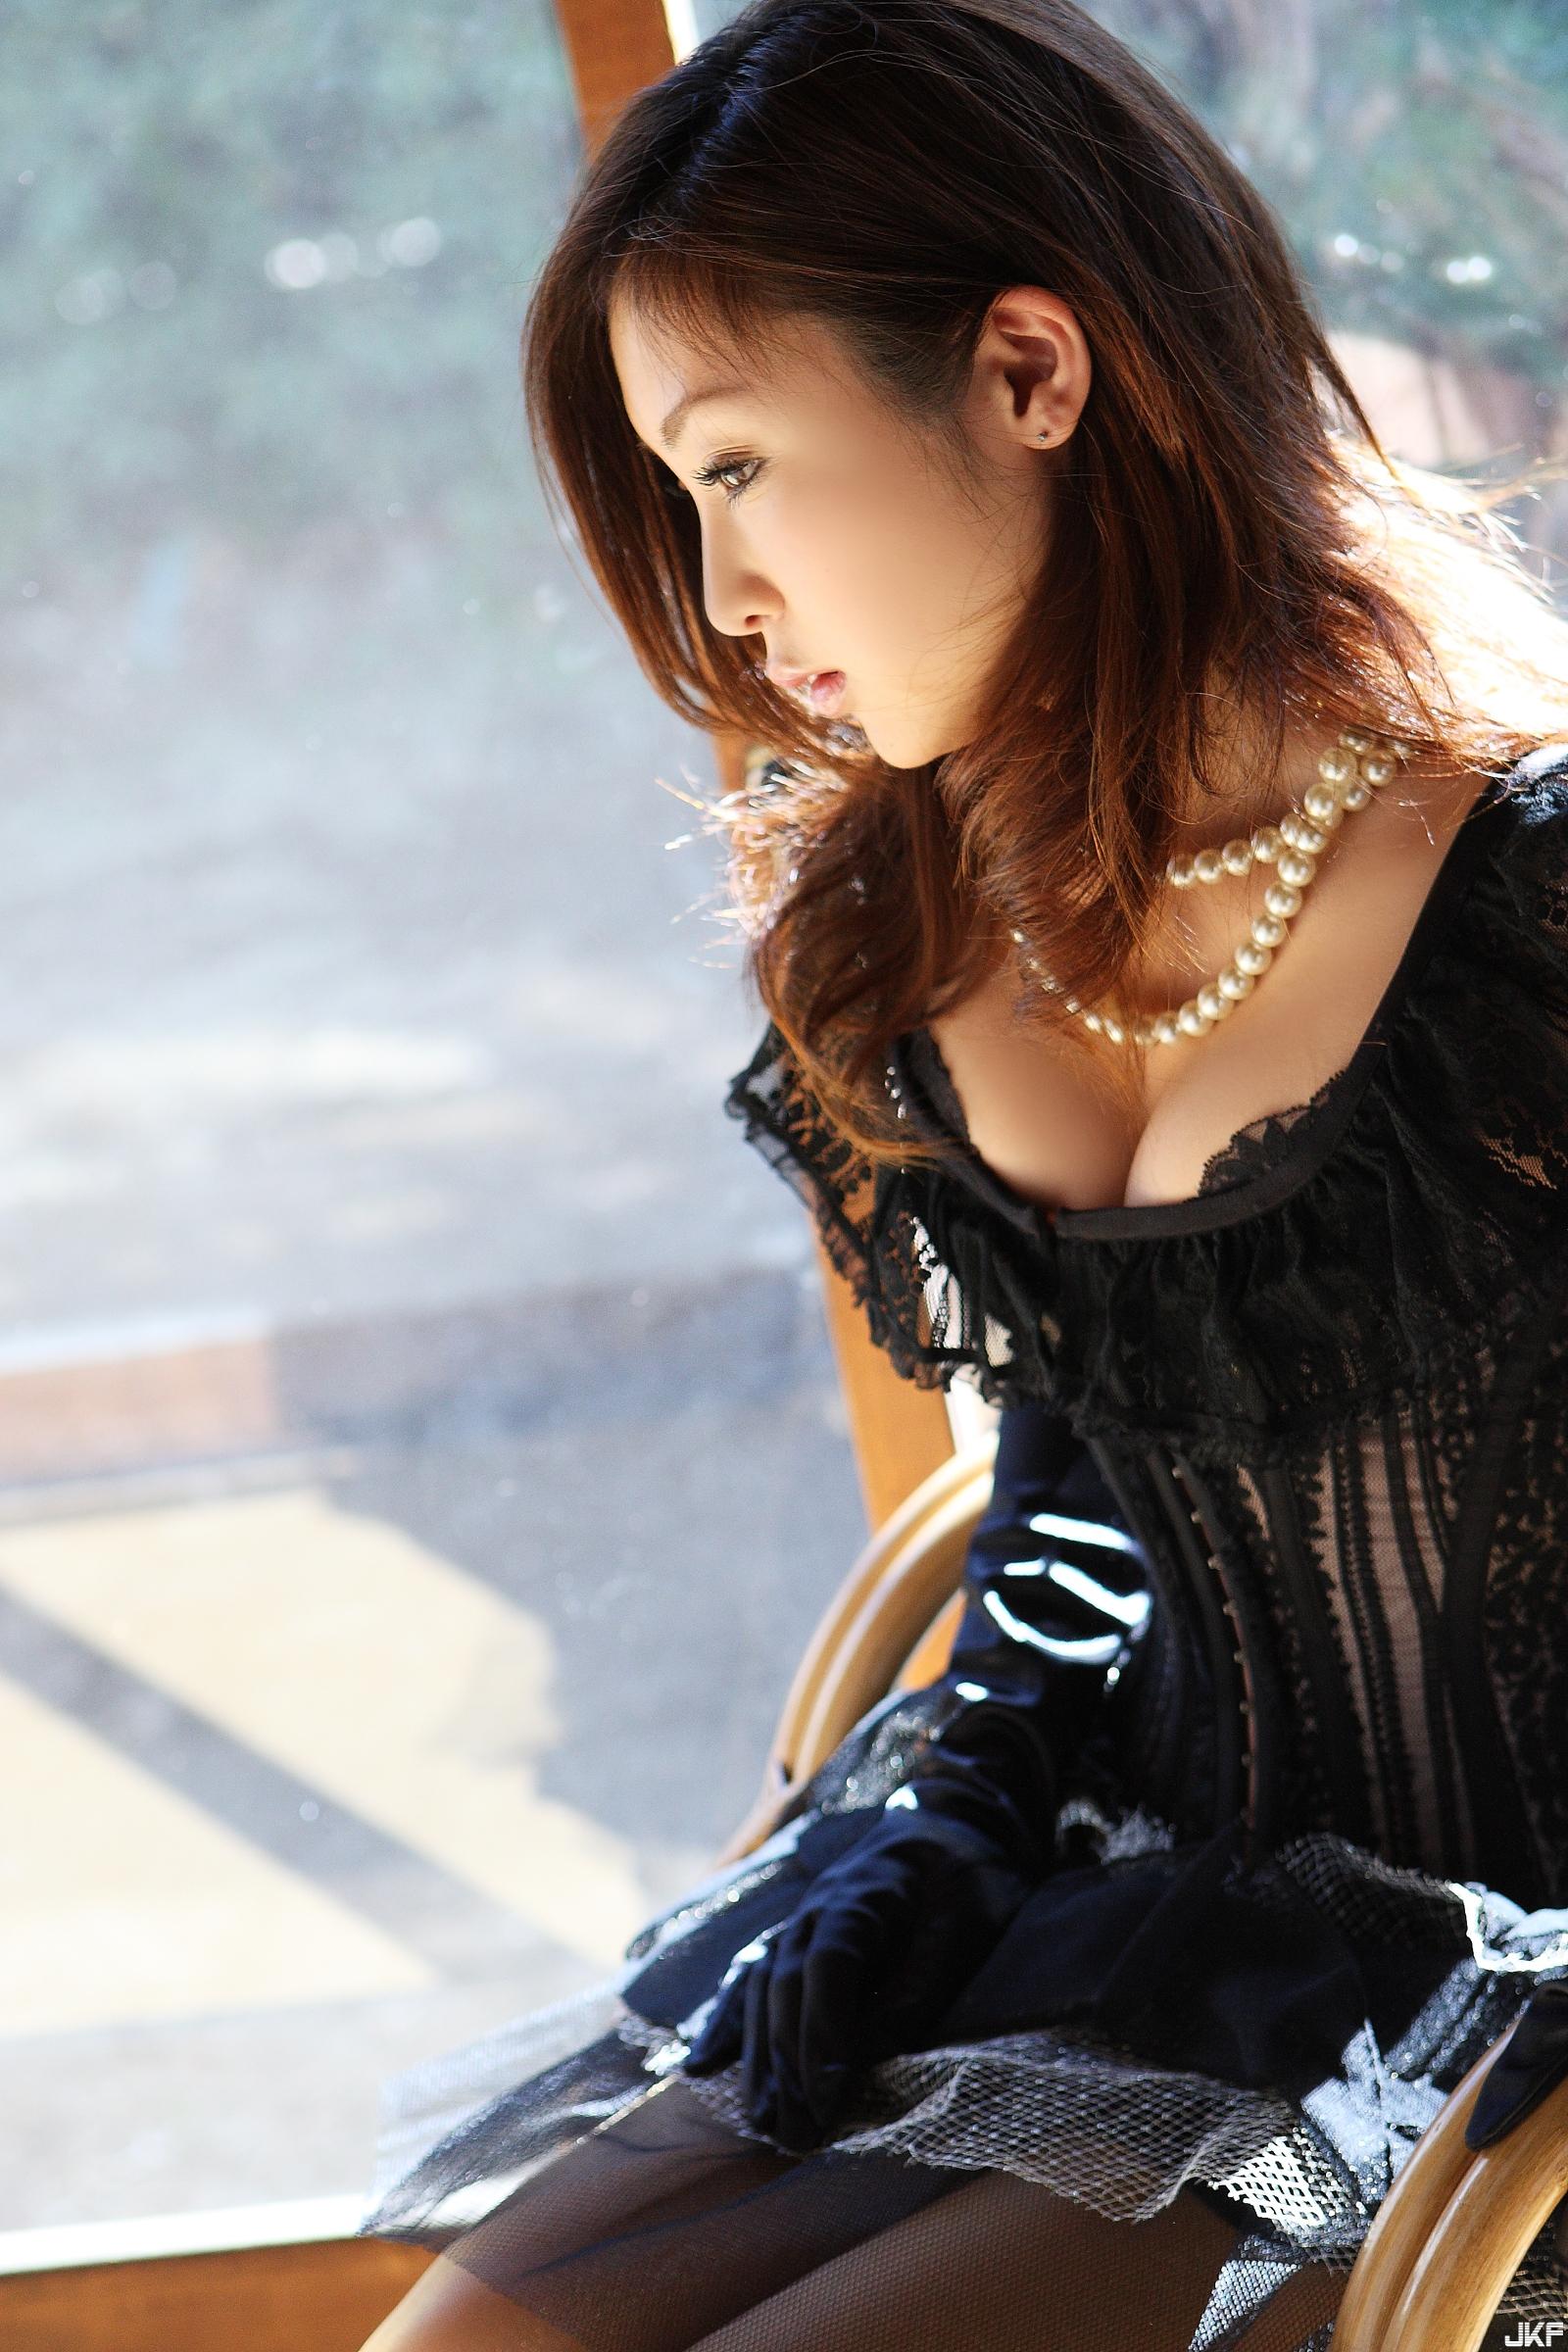 tatsumi-natsuko-574272.jpg